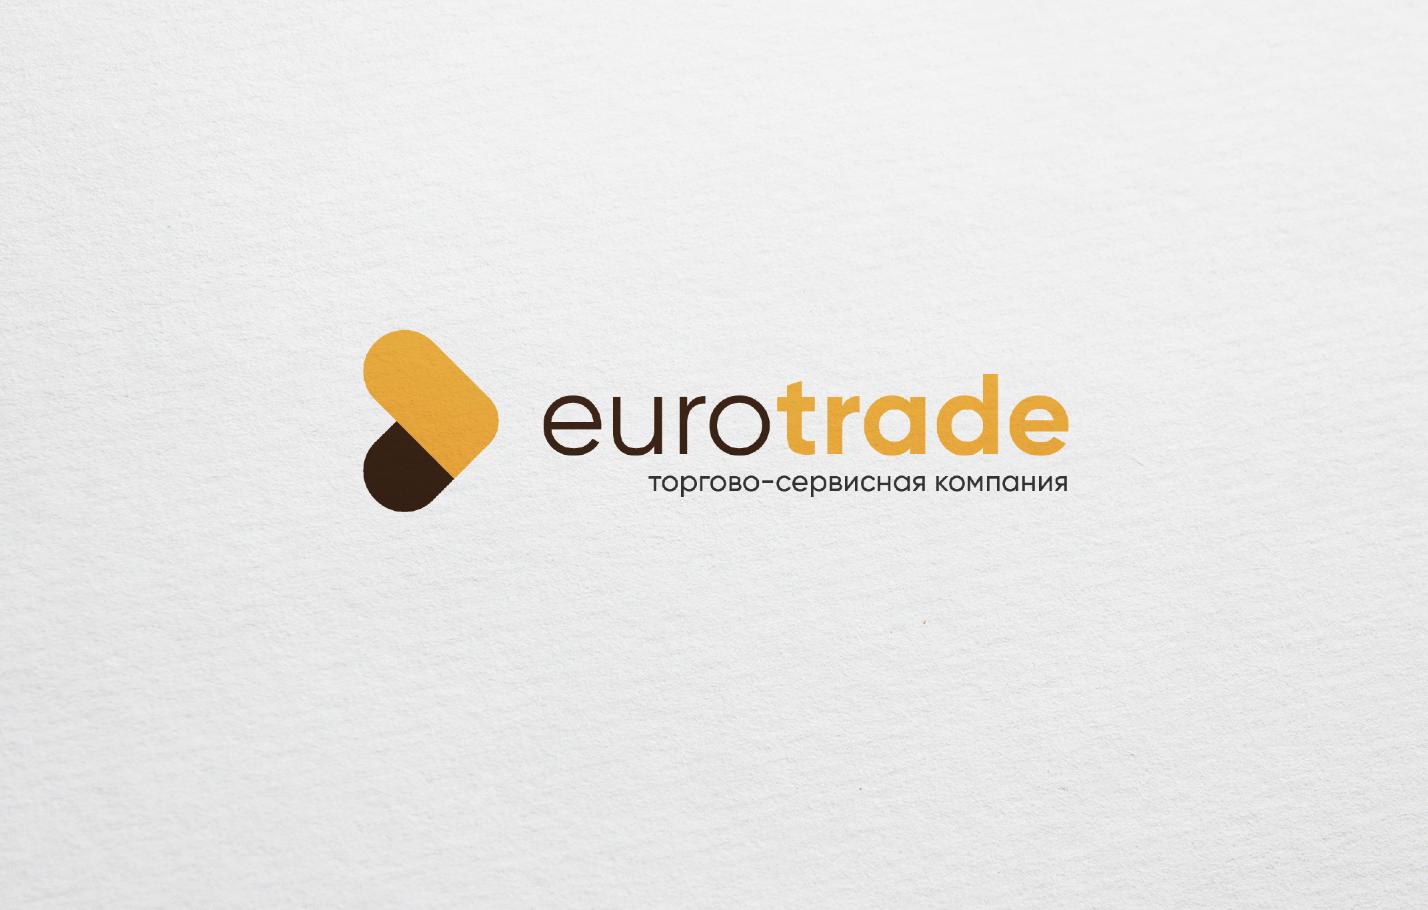 Фото Дизайн логотипа для торгово-сервисной компании EuroTrade